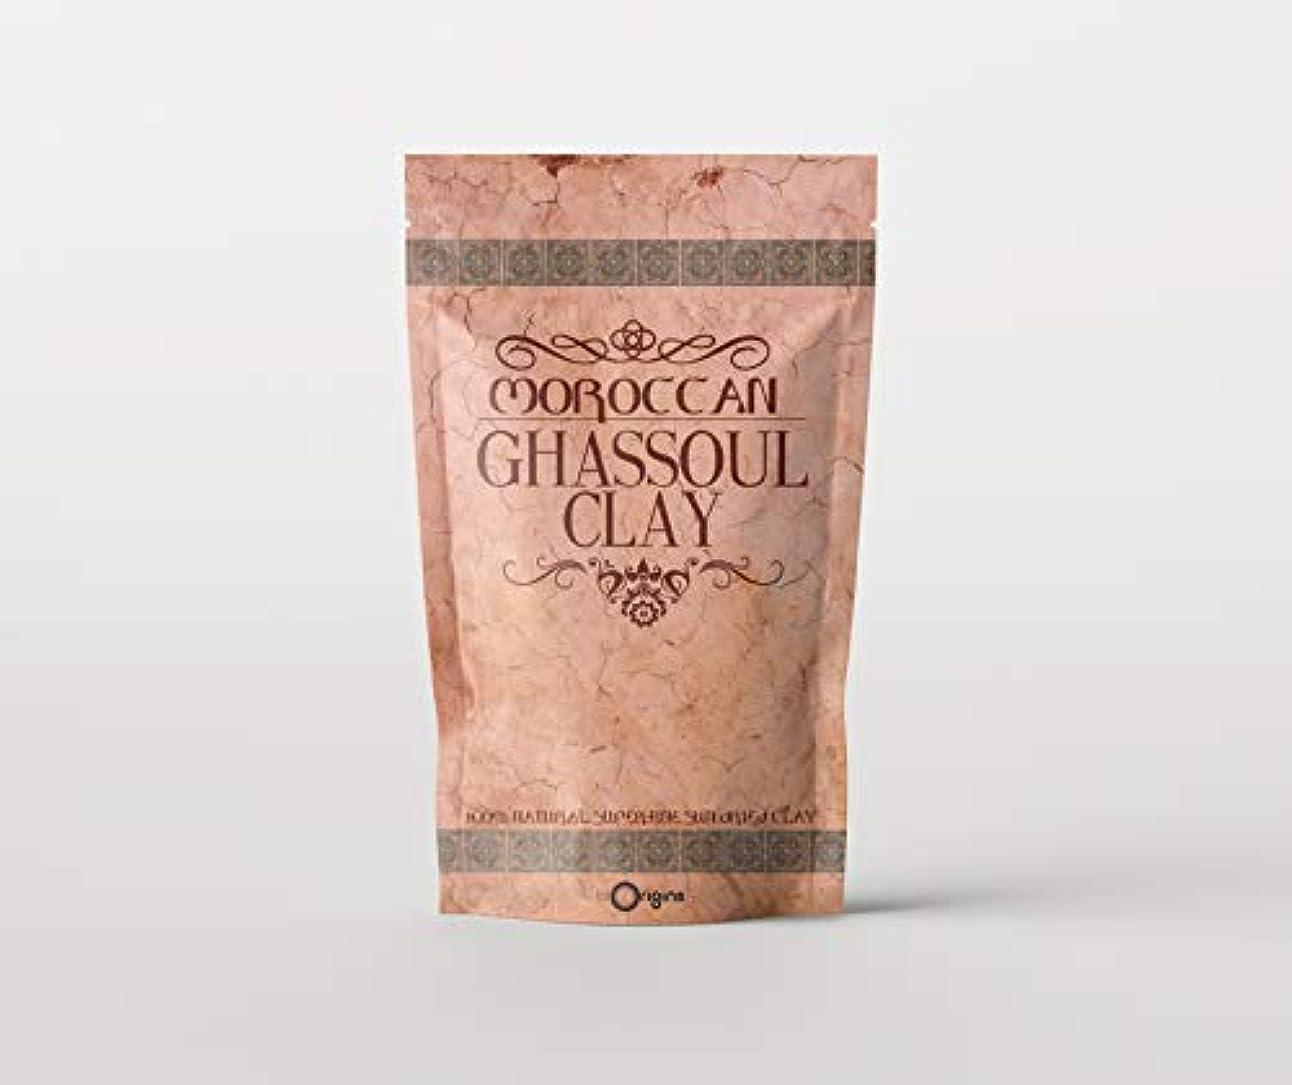 助言ディスカウント引っ張るGhassoul (Rhassoul) Clay - 500g